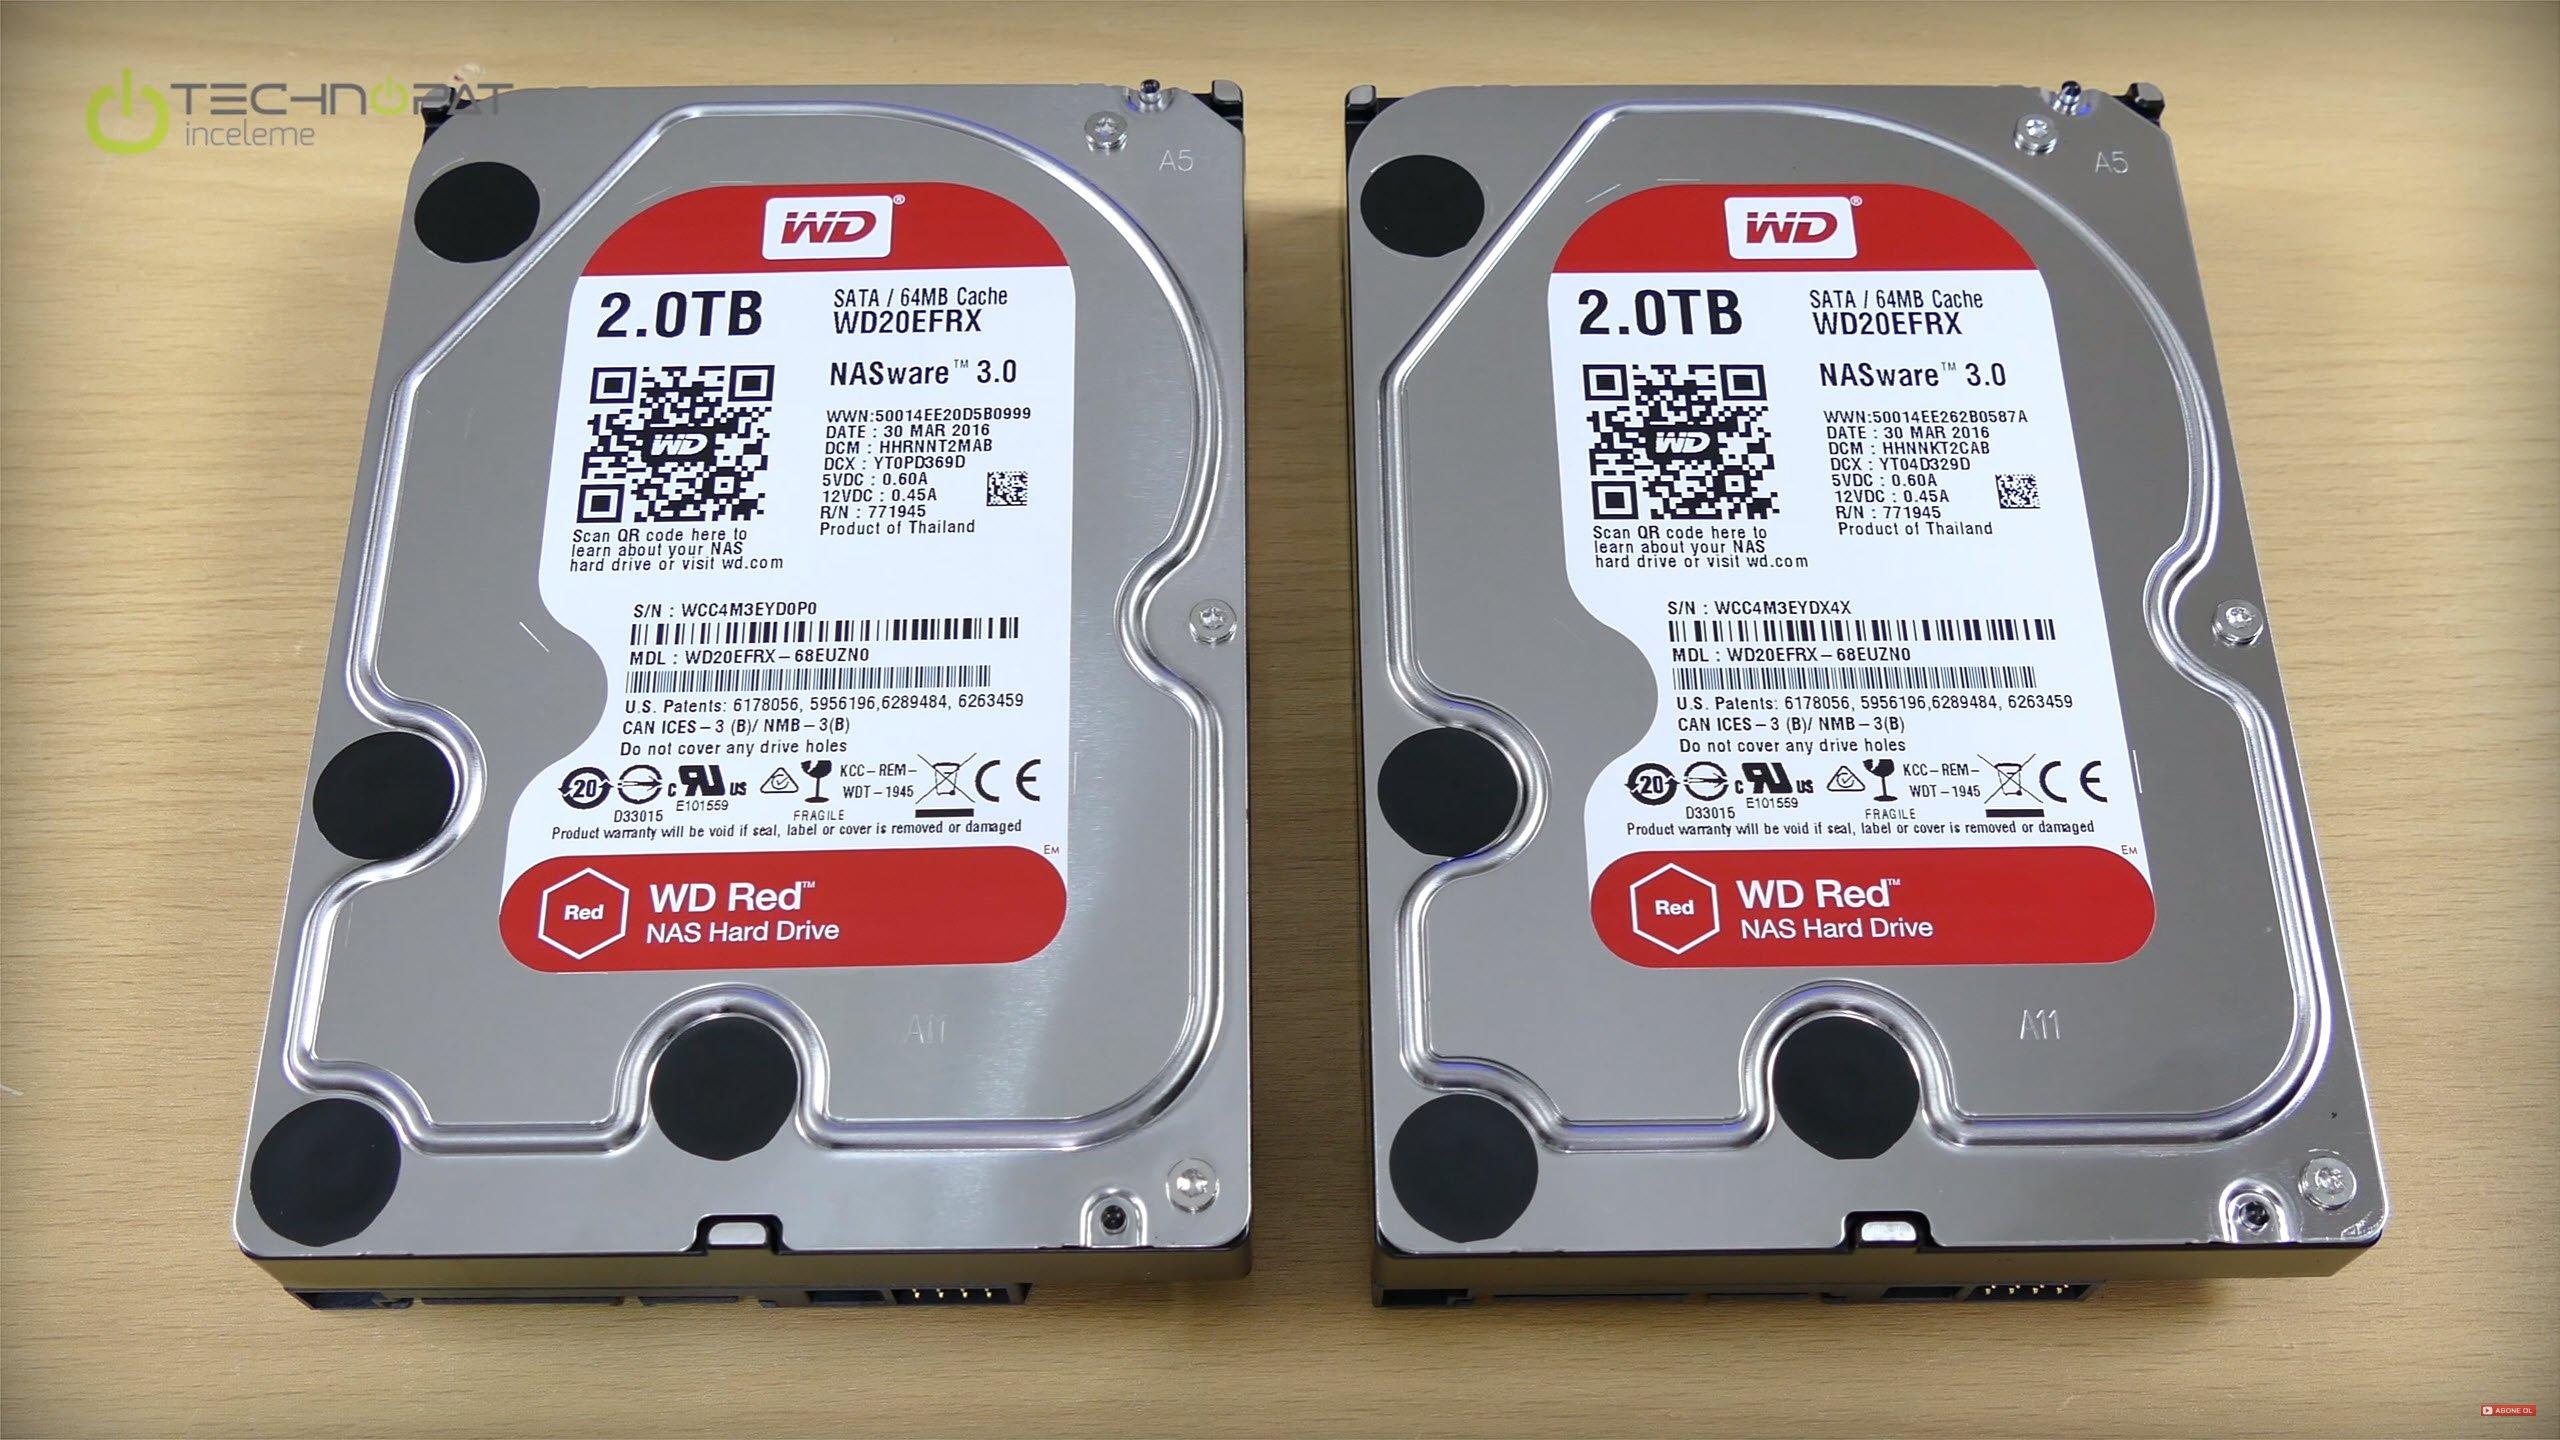 Western Digital RED NAS için özel sabit diskler. WD20EFRX disklerimizin her biri 2 Terabyte ve NASware 3.0 destekliler.